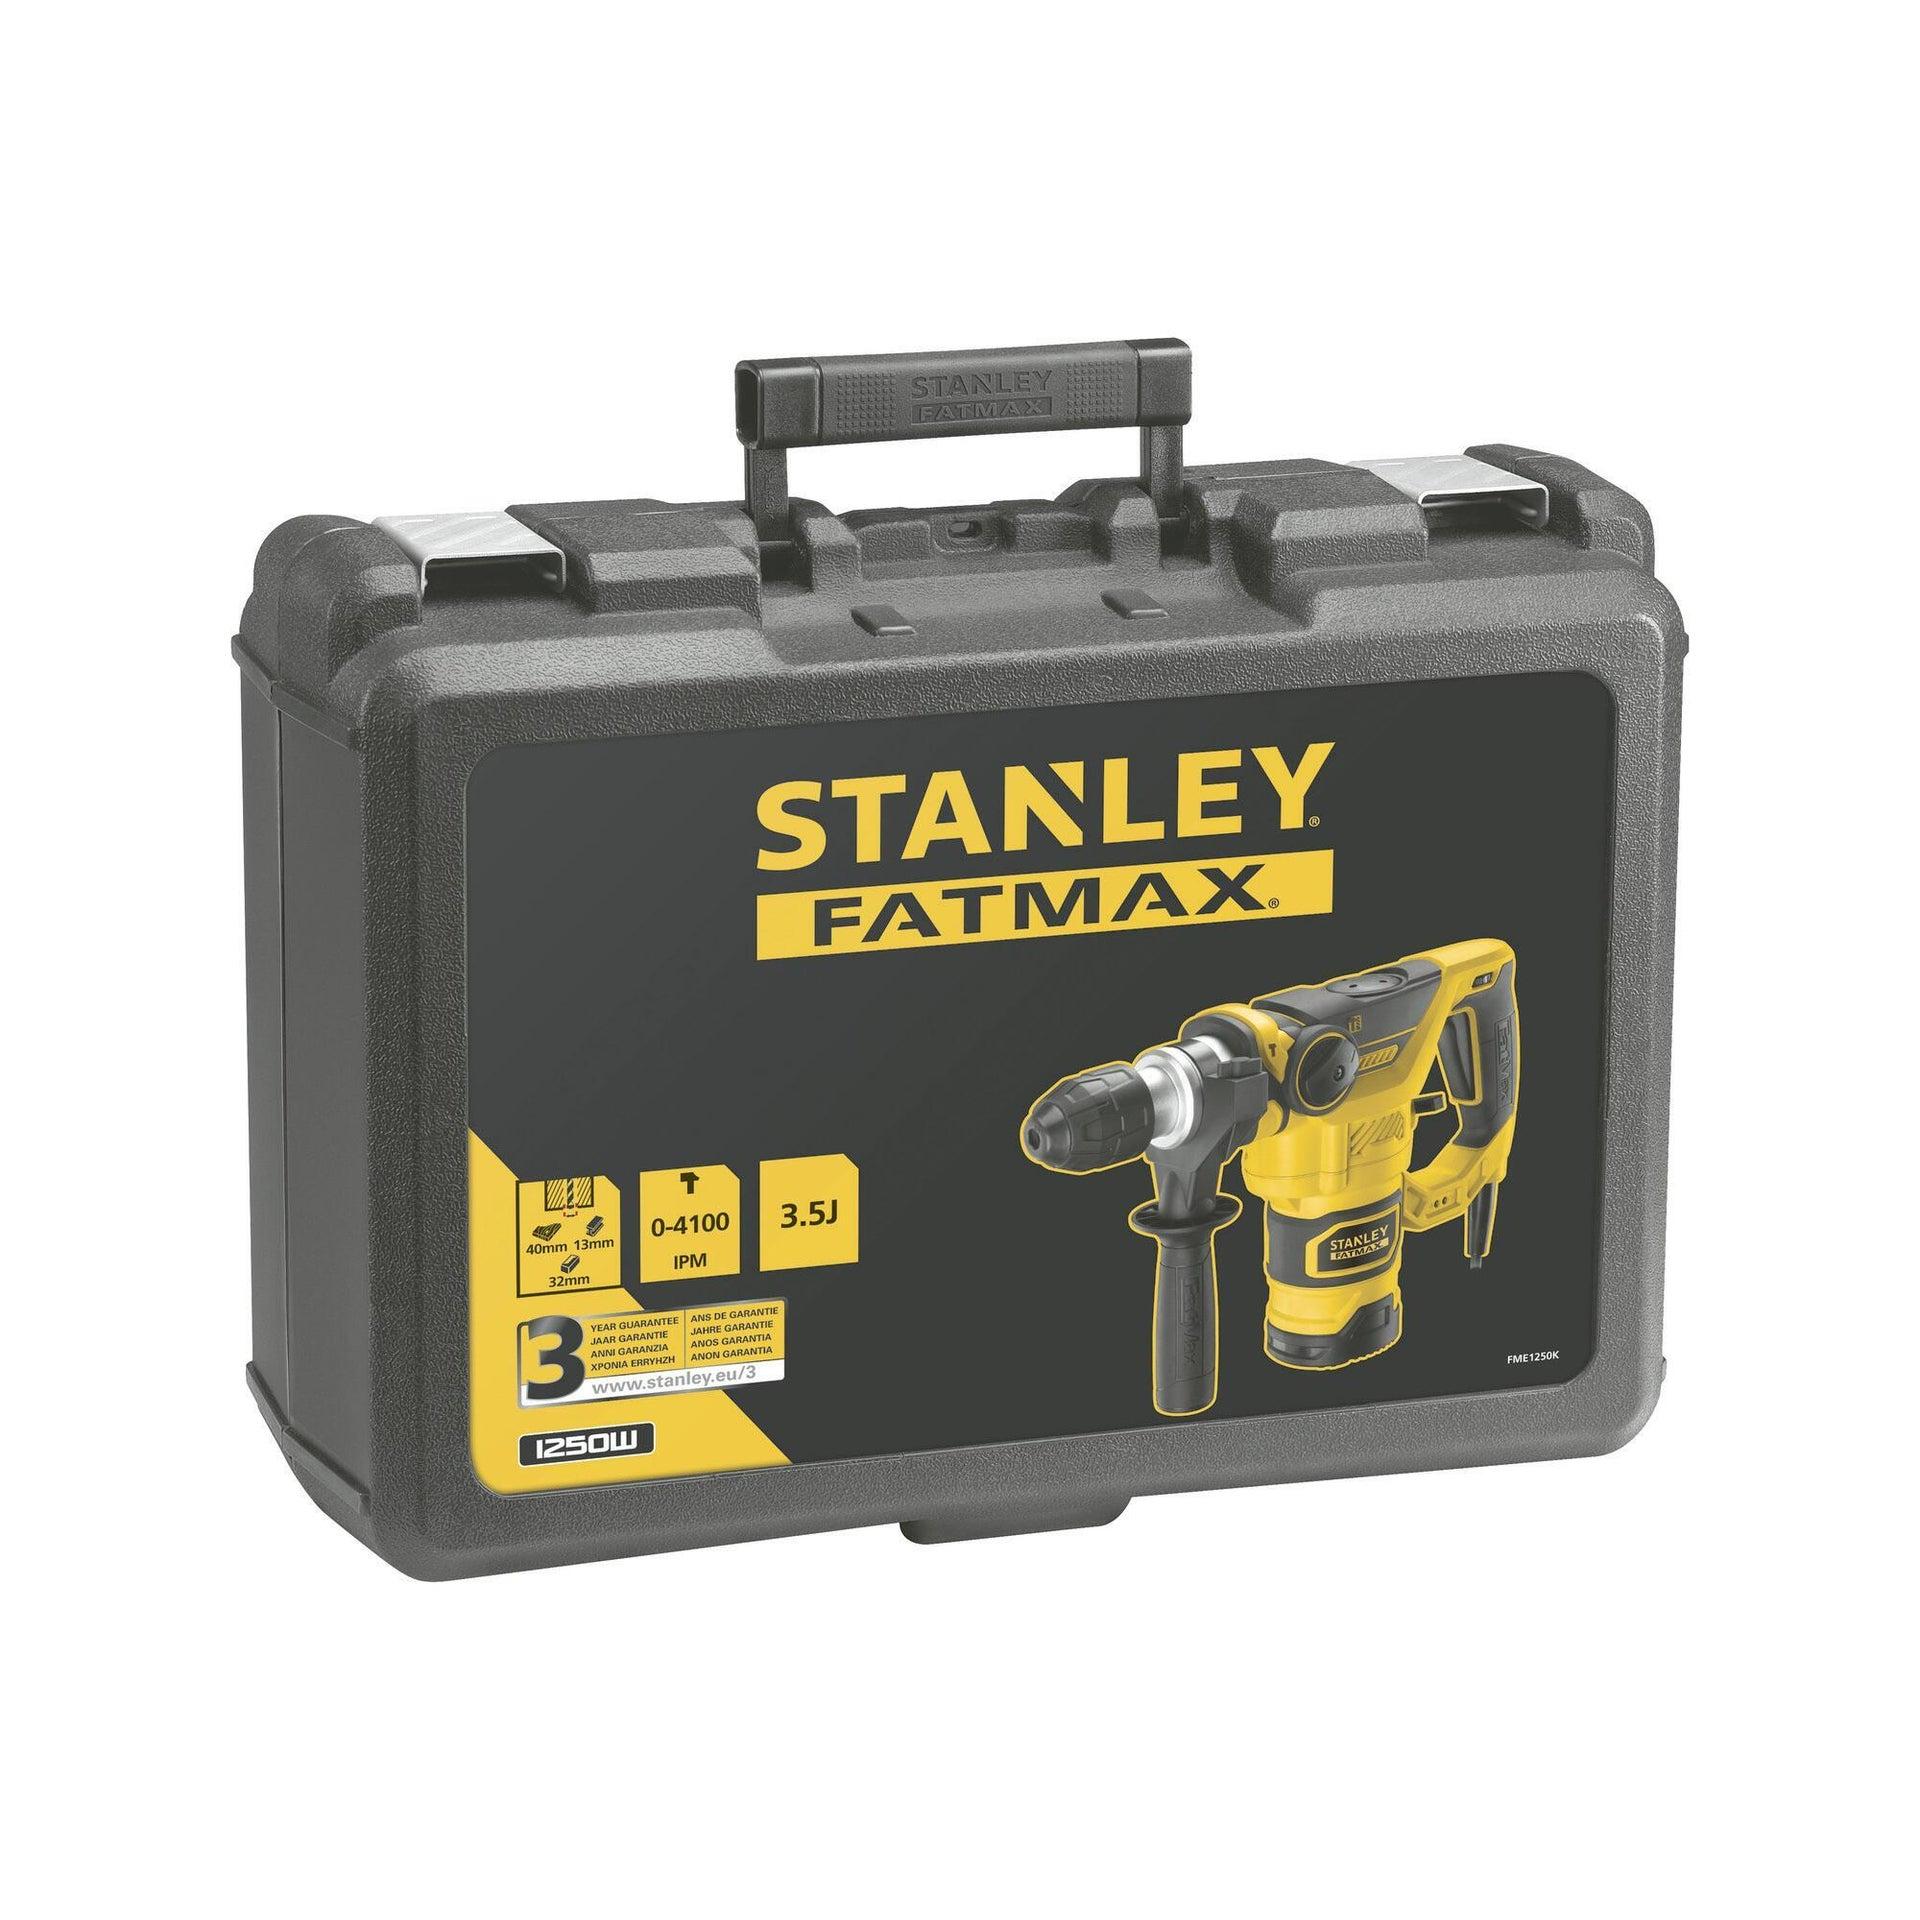 Martello demolitore STANLEY FATMAX FME1250-QS SDS Plus 2200 giri/min 1250 W - 2